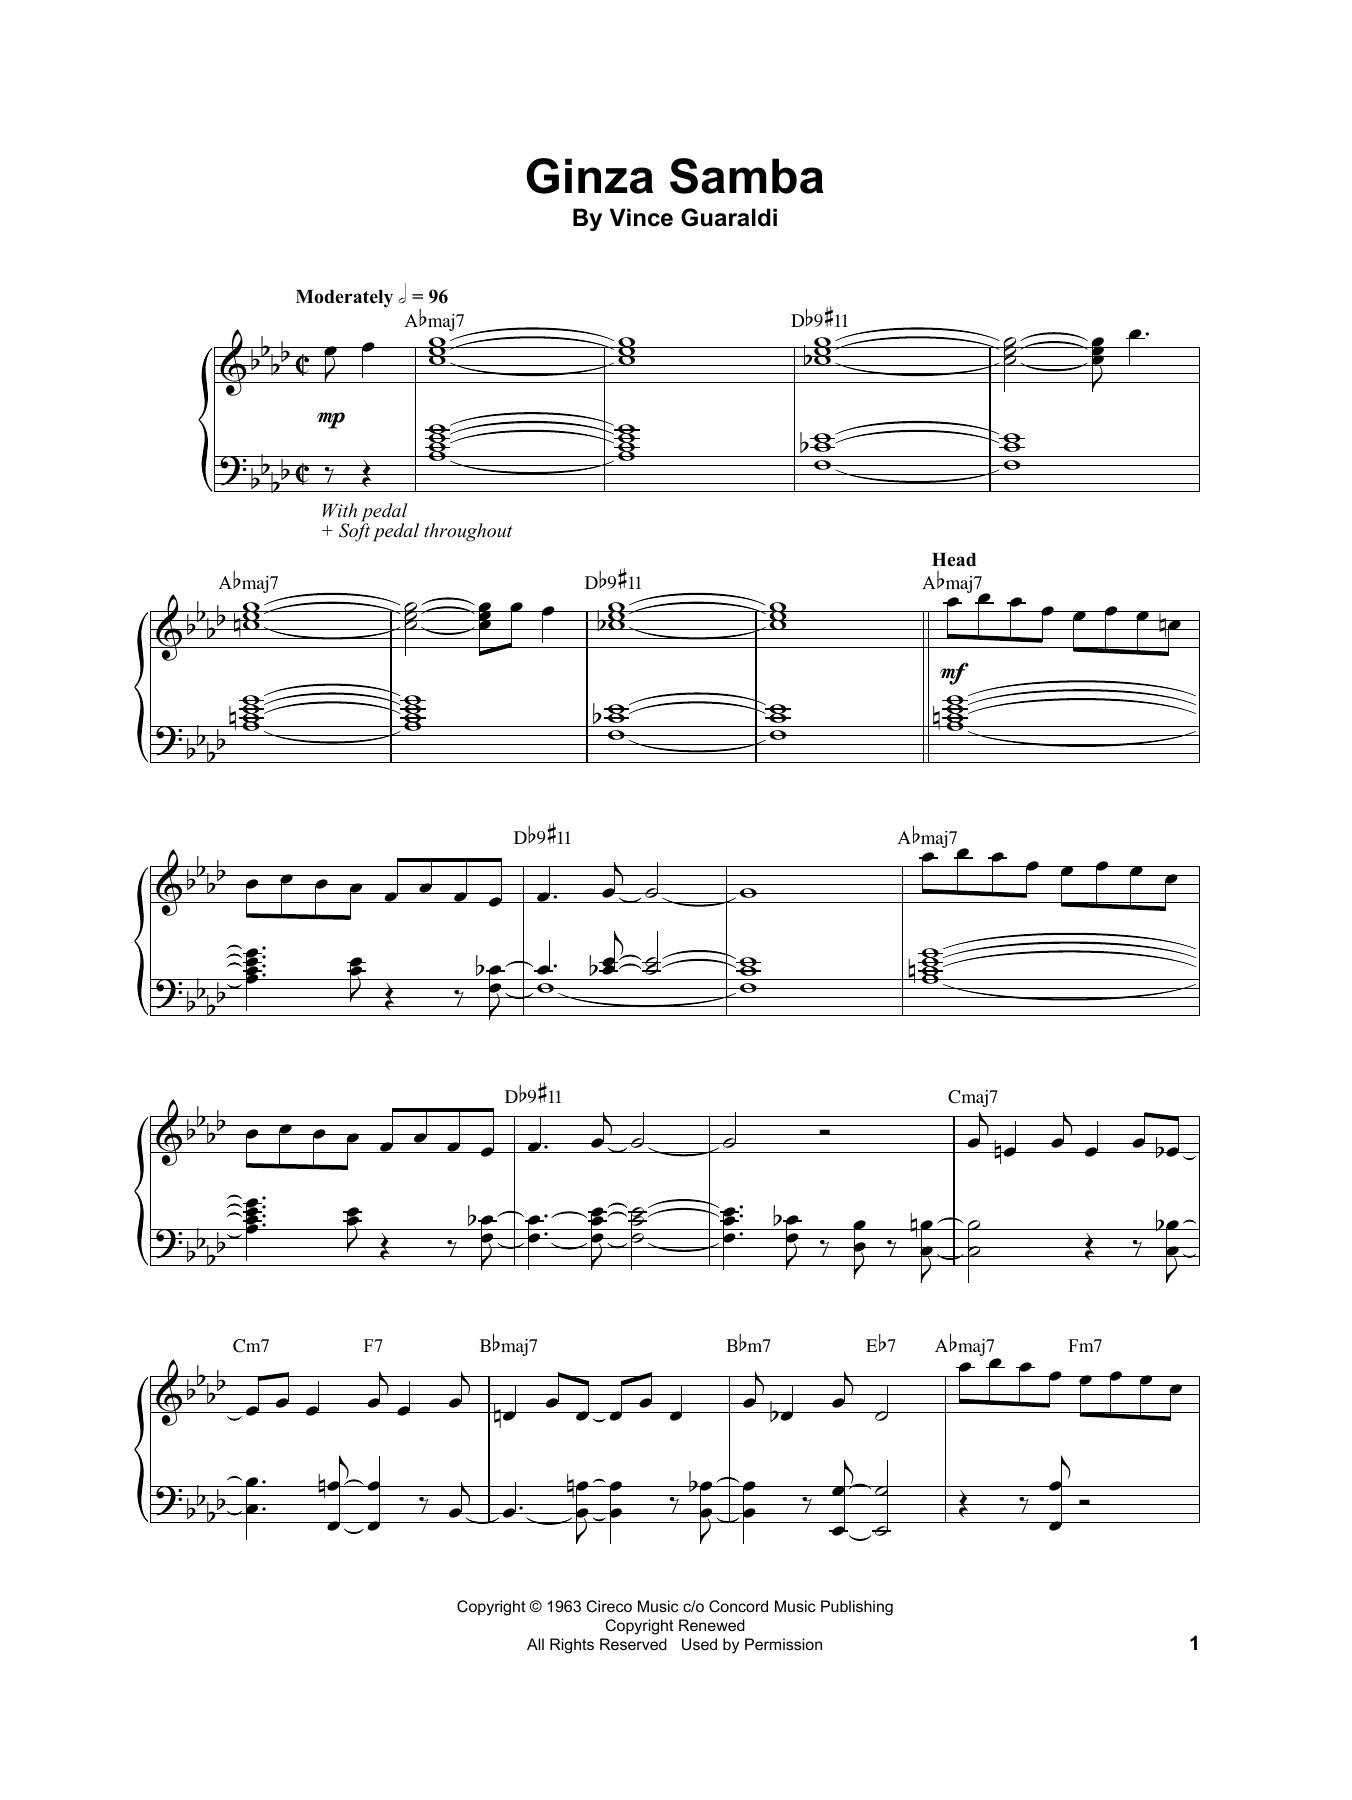 Vince Guaraldi Ginza Samba sheet music notes and chords. Download Printable PDF.